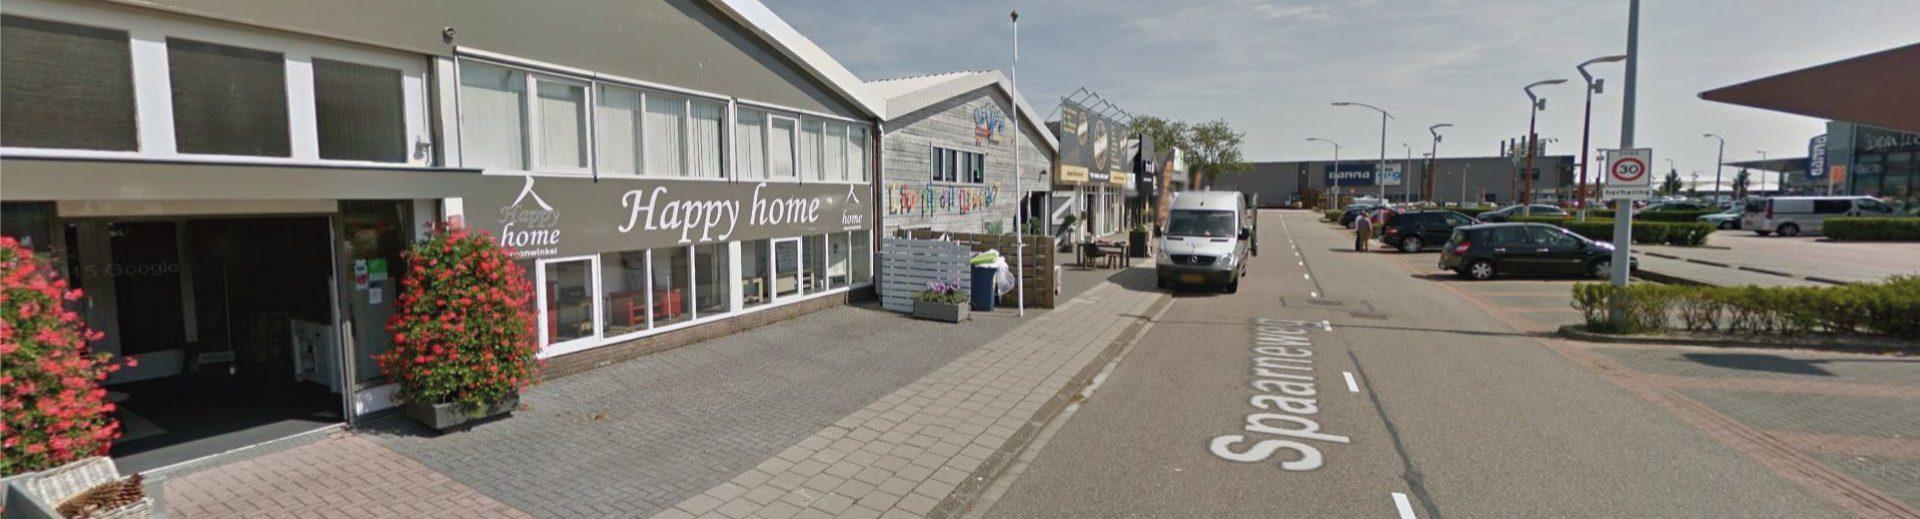 Woonwinkel Happy Home Woonboulevard Cruquius